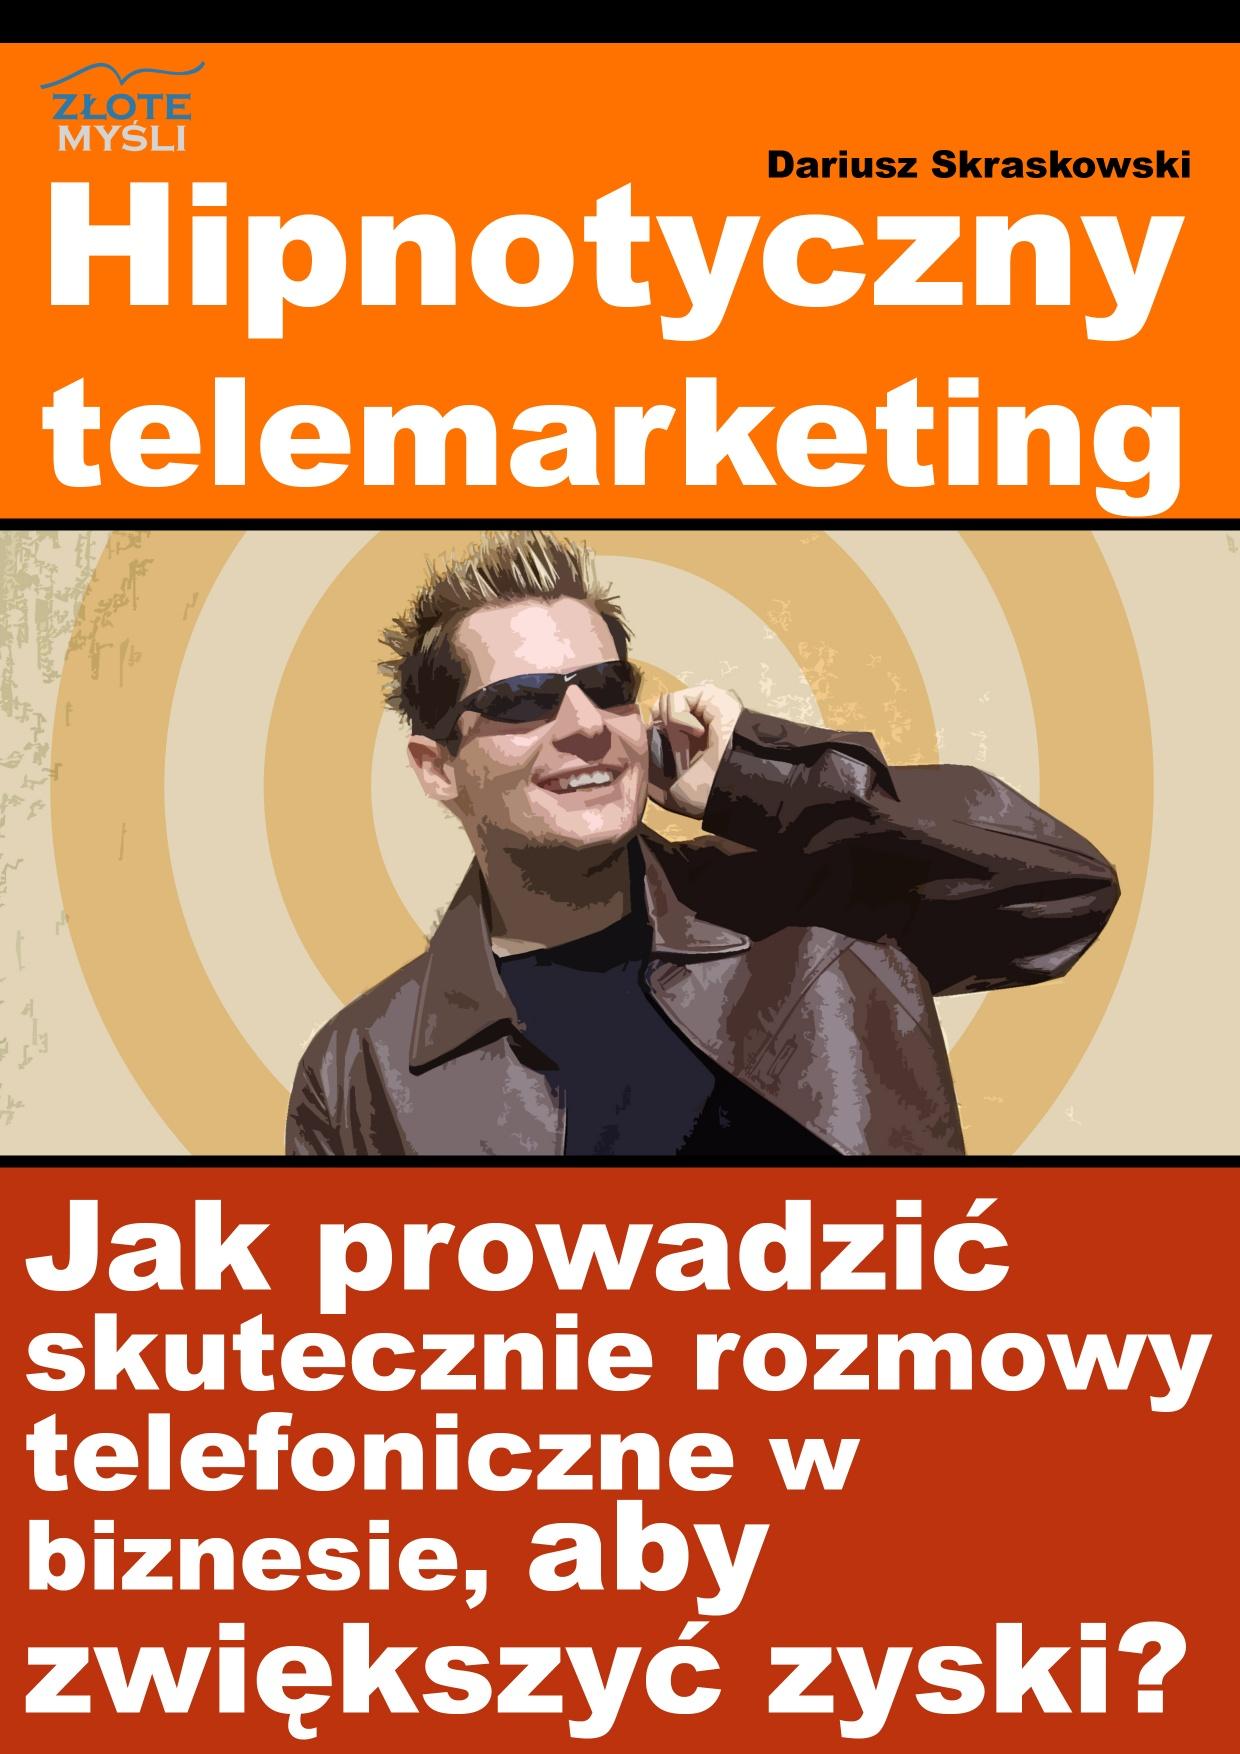 Dariusz Skraskowski: Hipnotyczny telemarketing - okładka